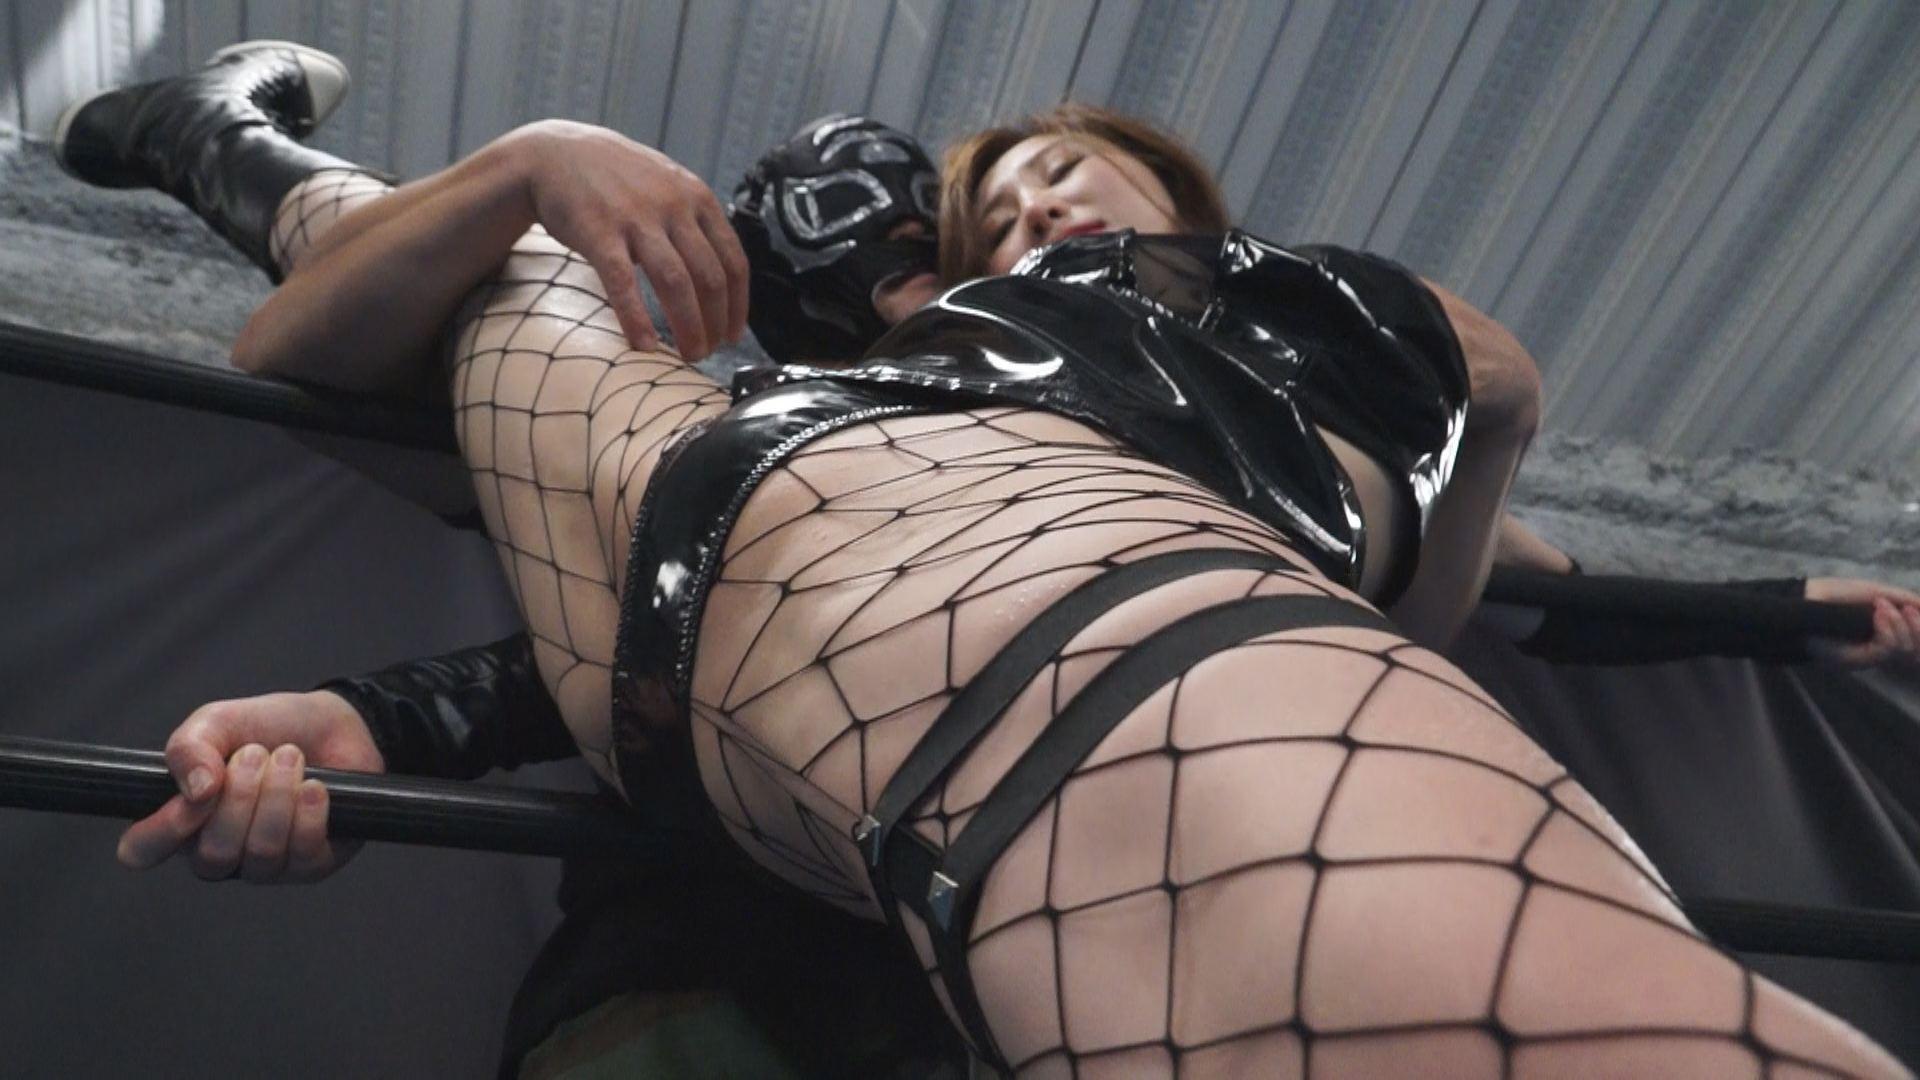 DESTROY女子プロレスラー破壊 #0005 サンプル画像07